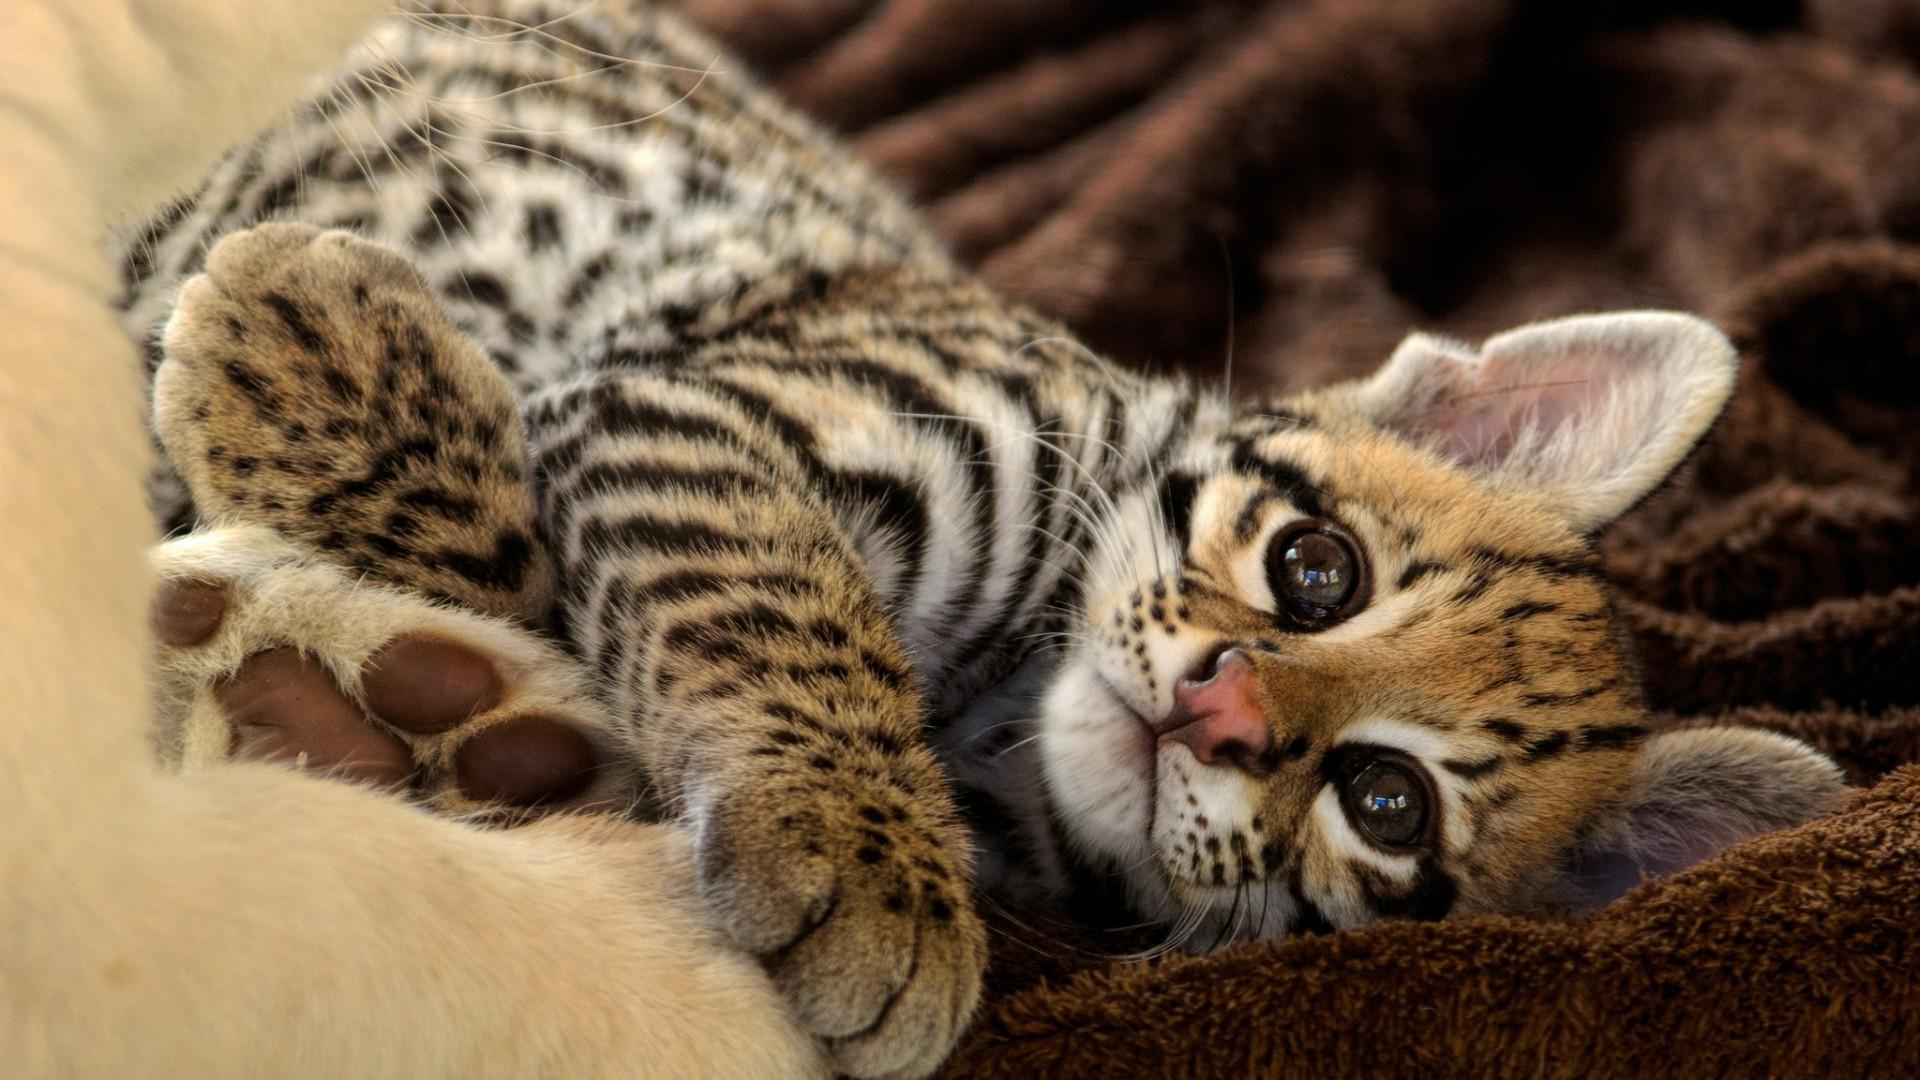 дикие милые животные фото вид